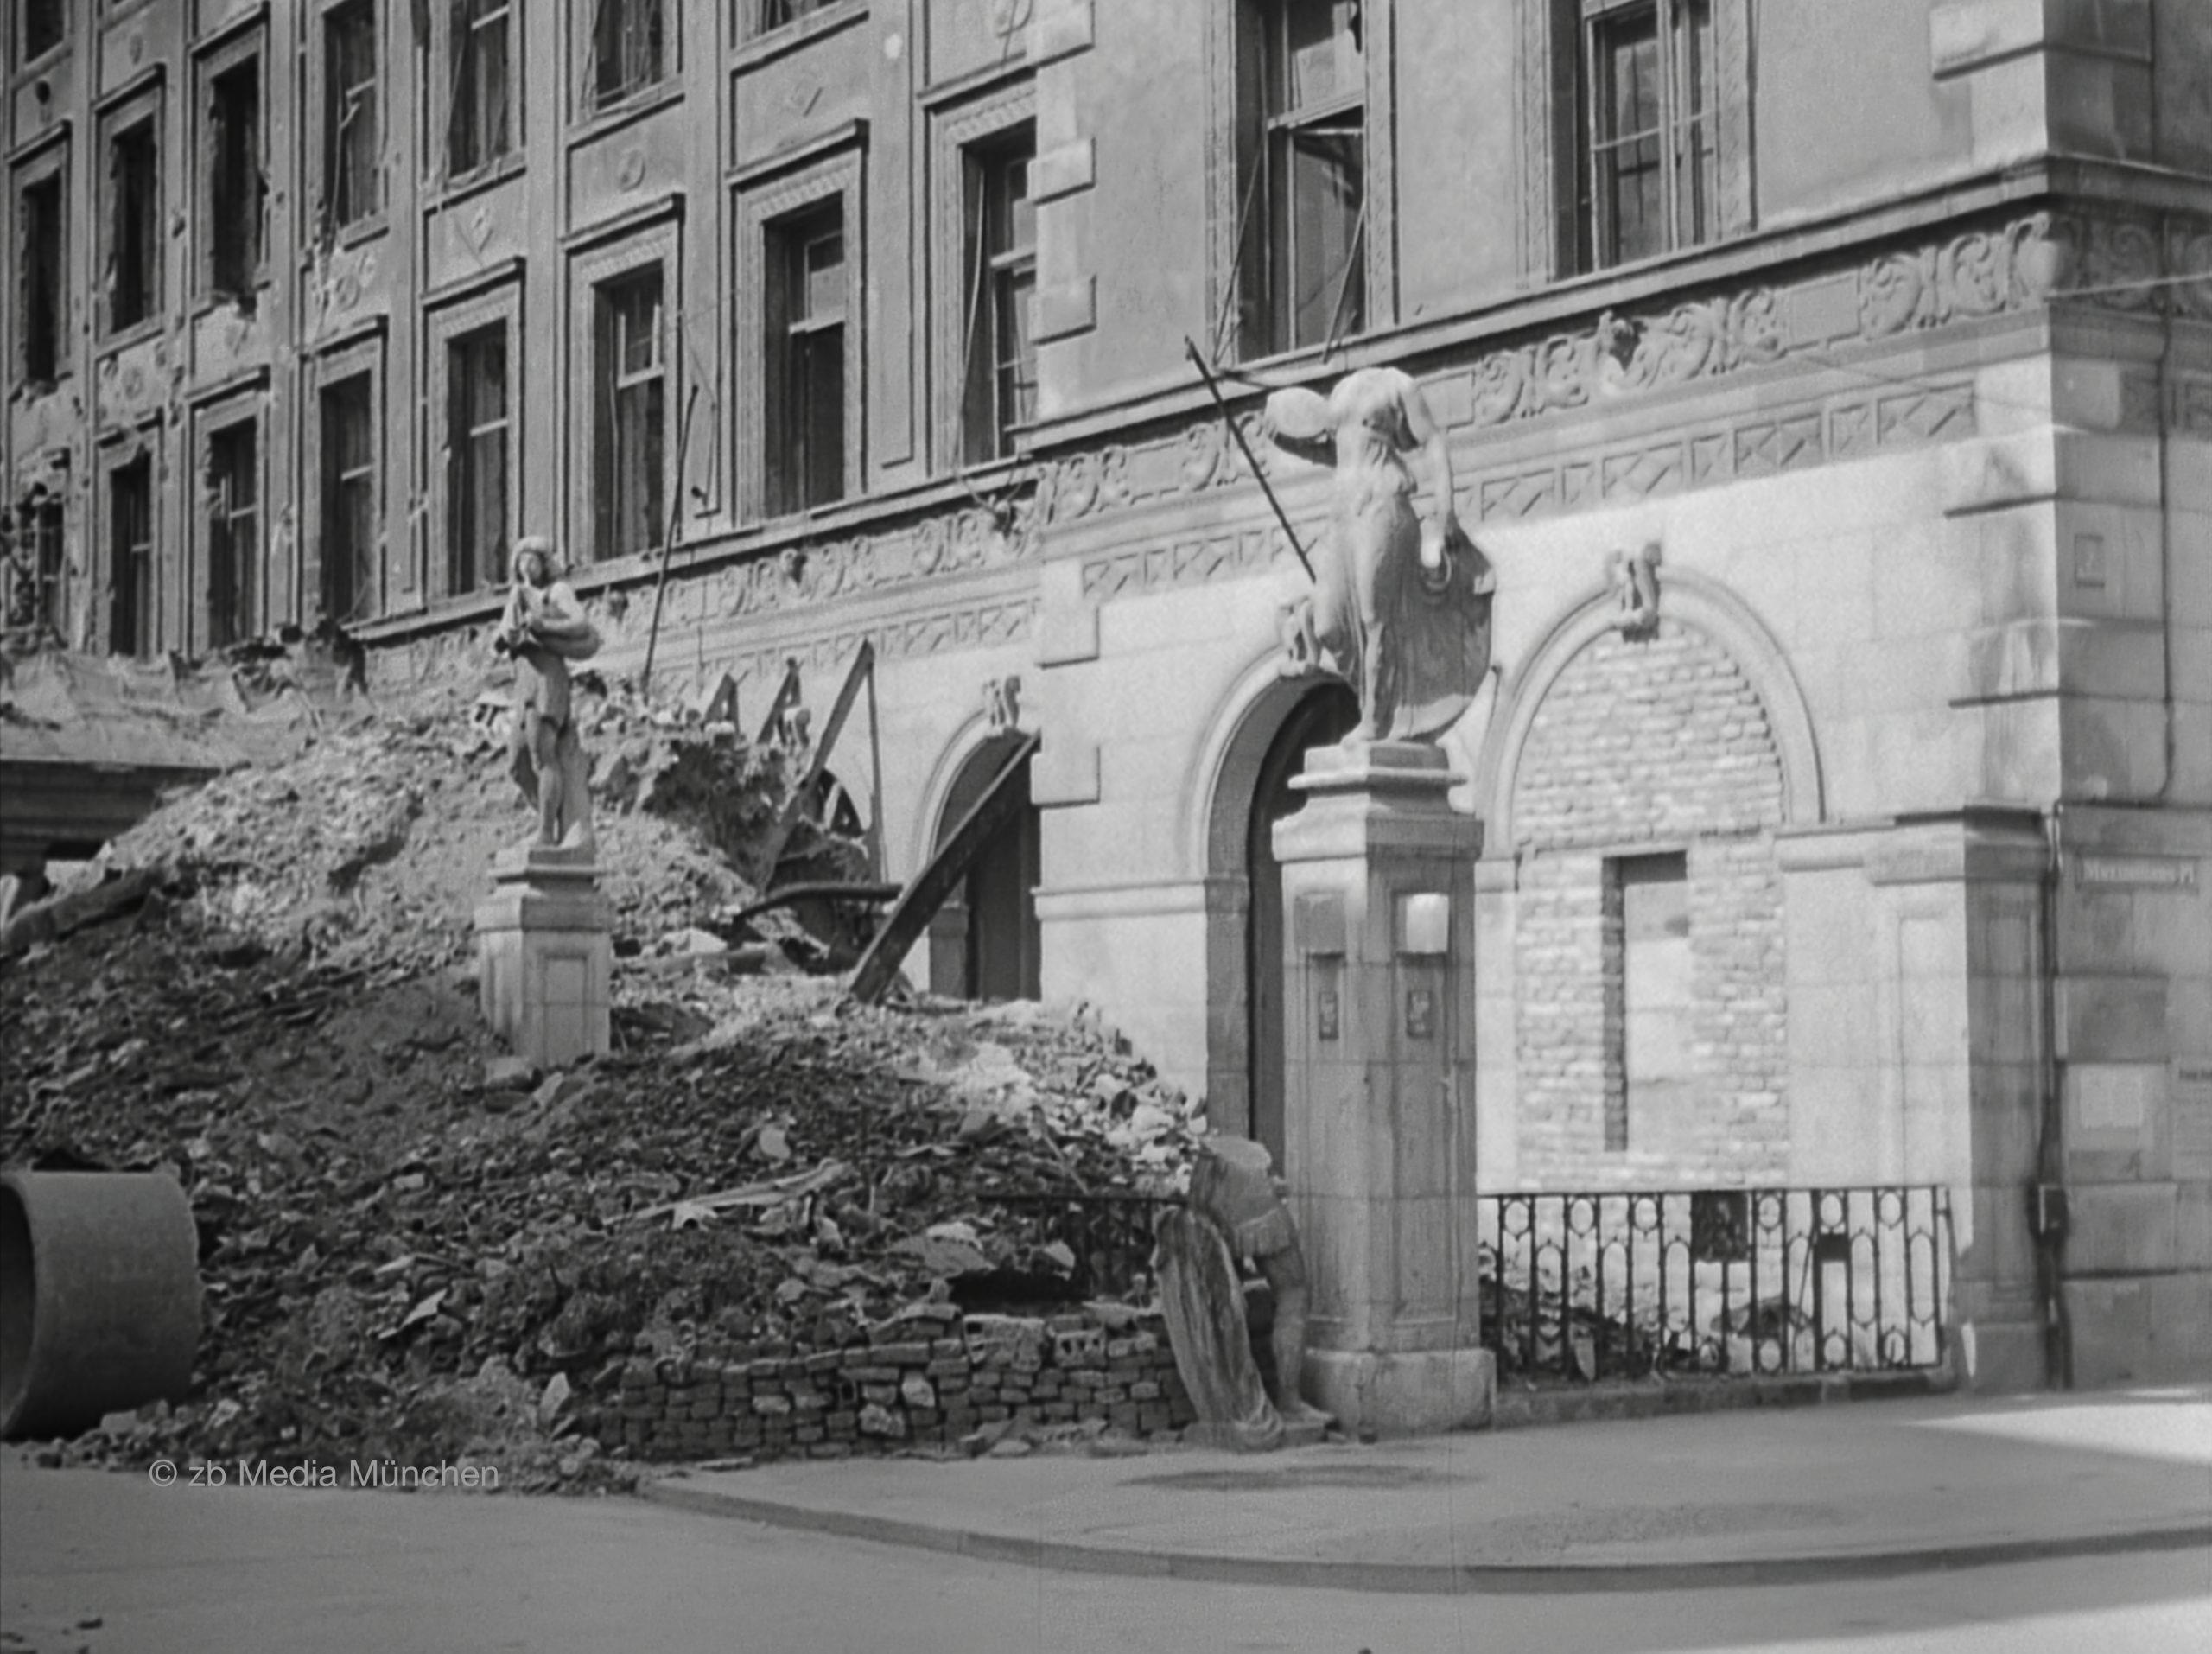 Residenz, München 5. Mai 1945, Ruine, Bombenschaden